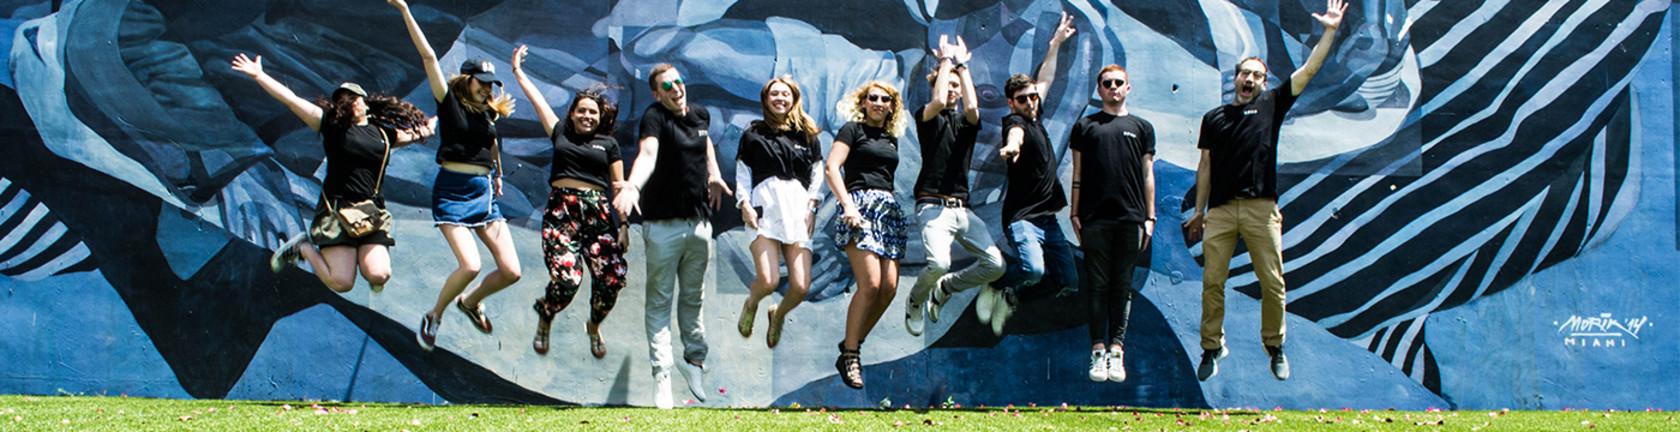 Actualités et vidéos - MBA Advertising & Creativity EFAP Paris